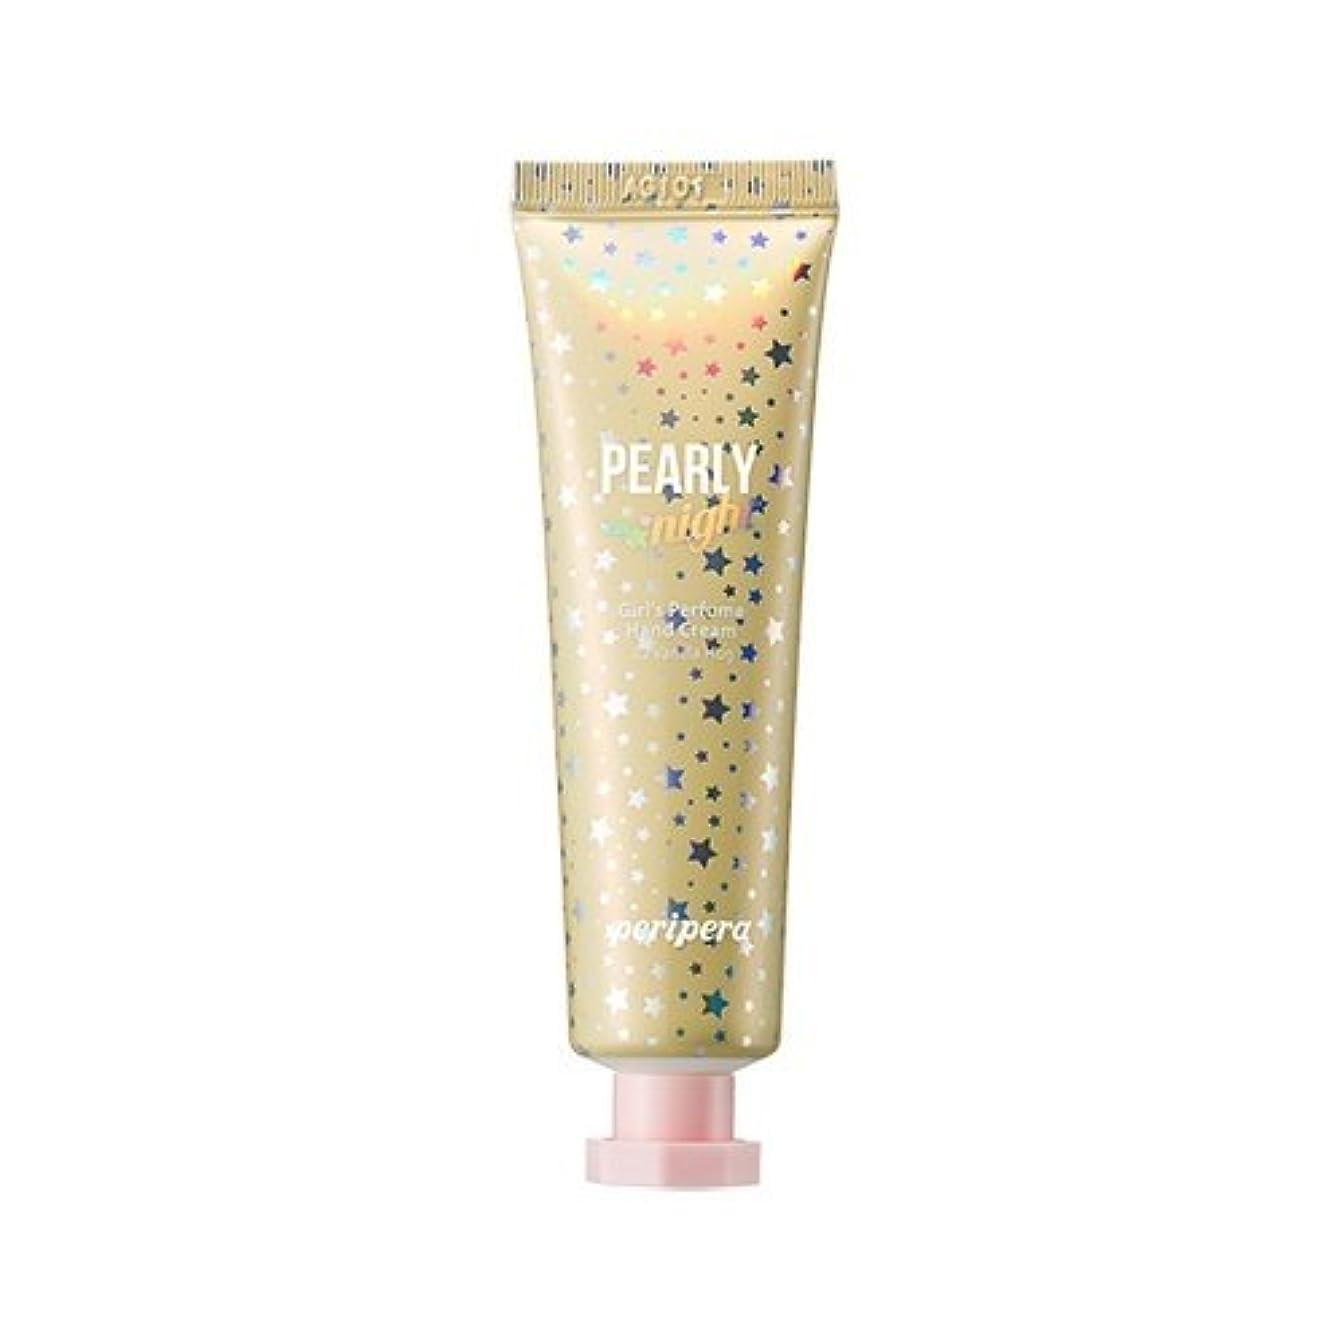 かんたんレルム環境保護主義者PERIPERA Pearly Night Girls Perfume Hand Cream (#002 Vanila Hug) / ペリペラ [ホリデー限定] パーリーナイト パフューム ハンドクリーム [並行輸入品]